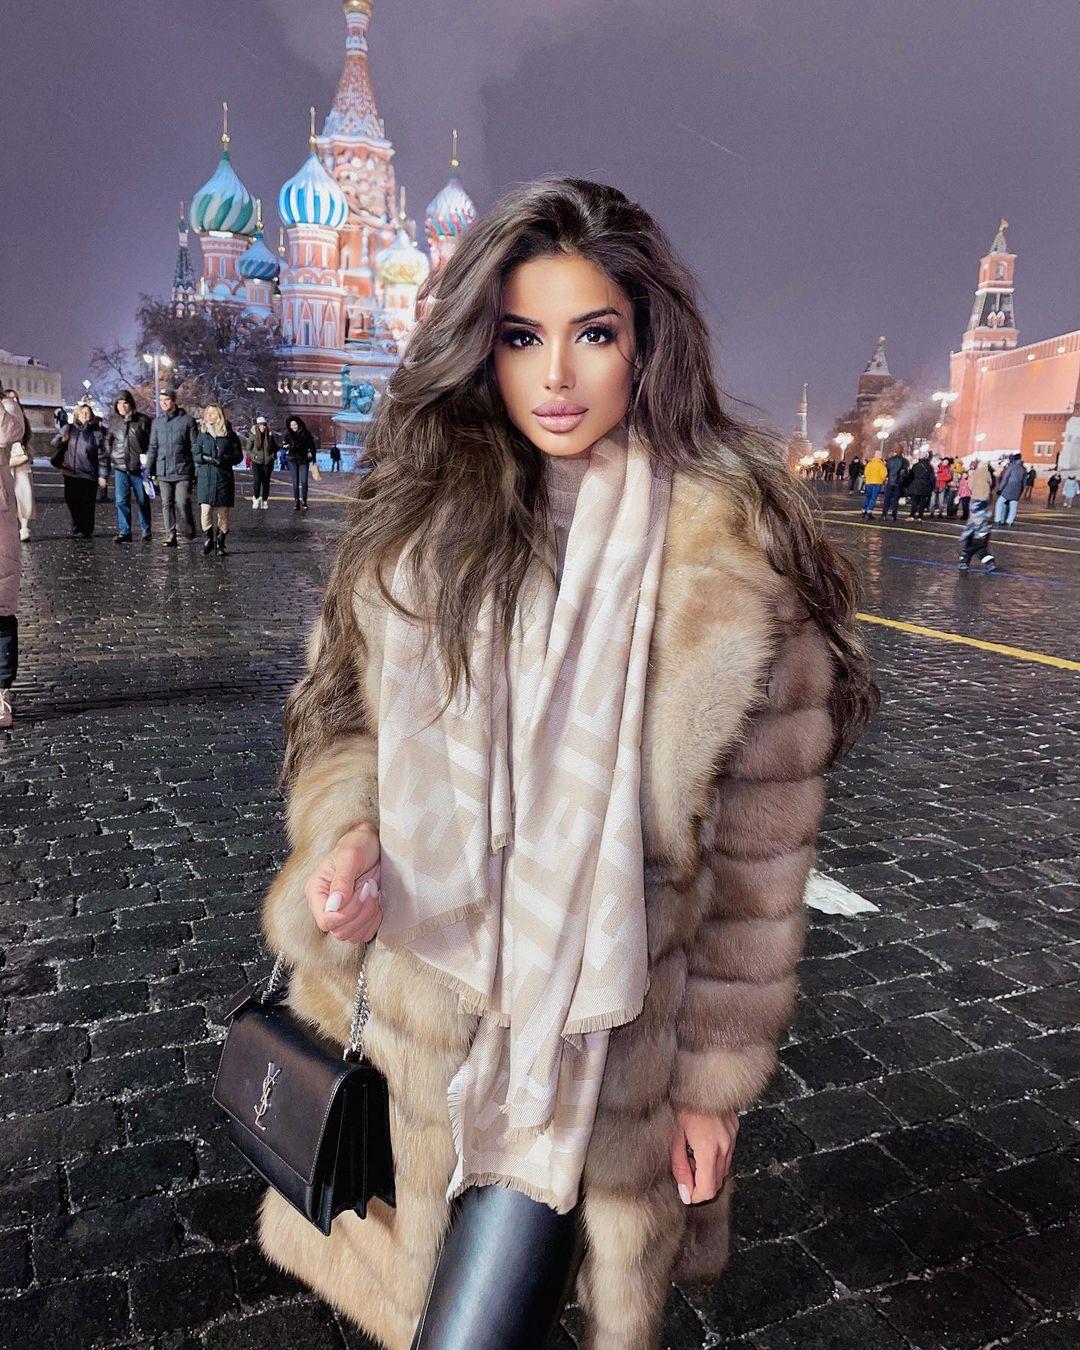 Sabina-Agaeva-4